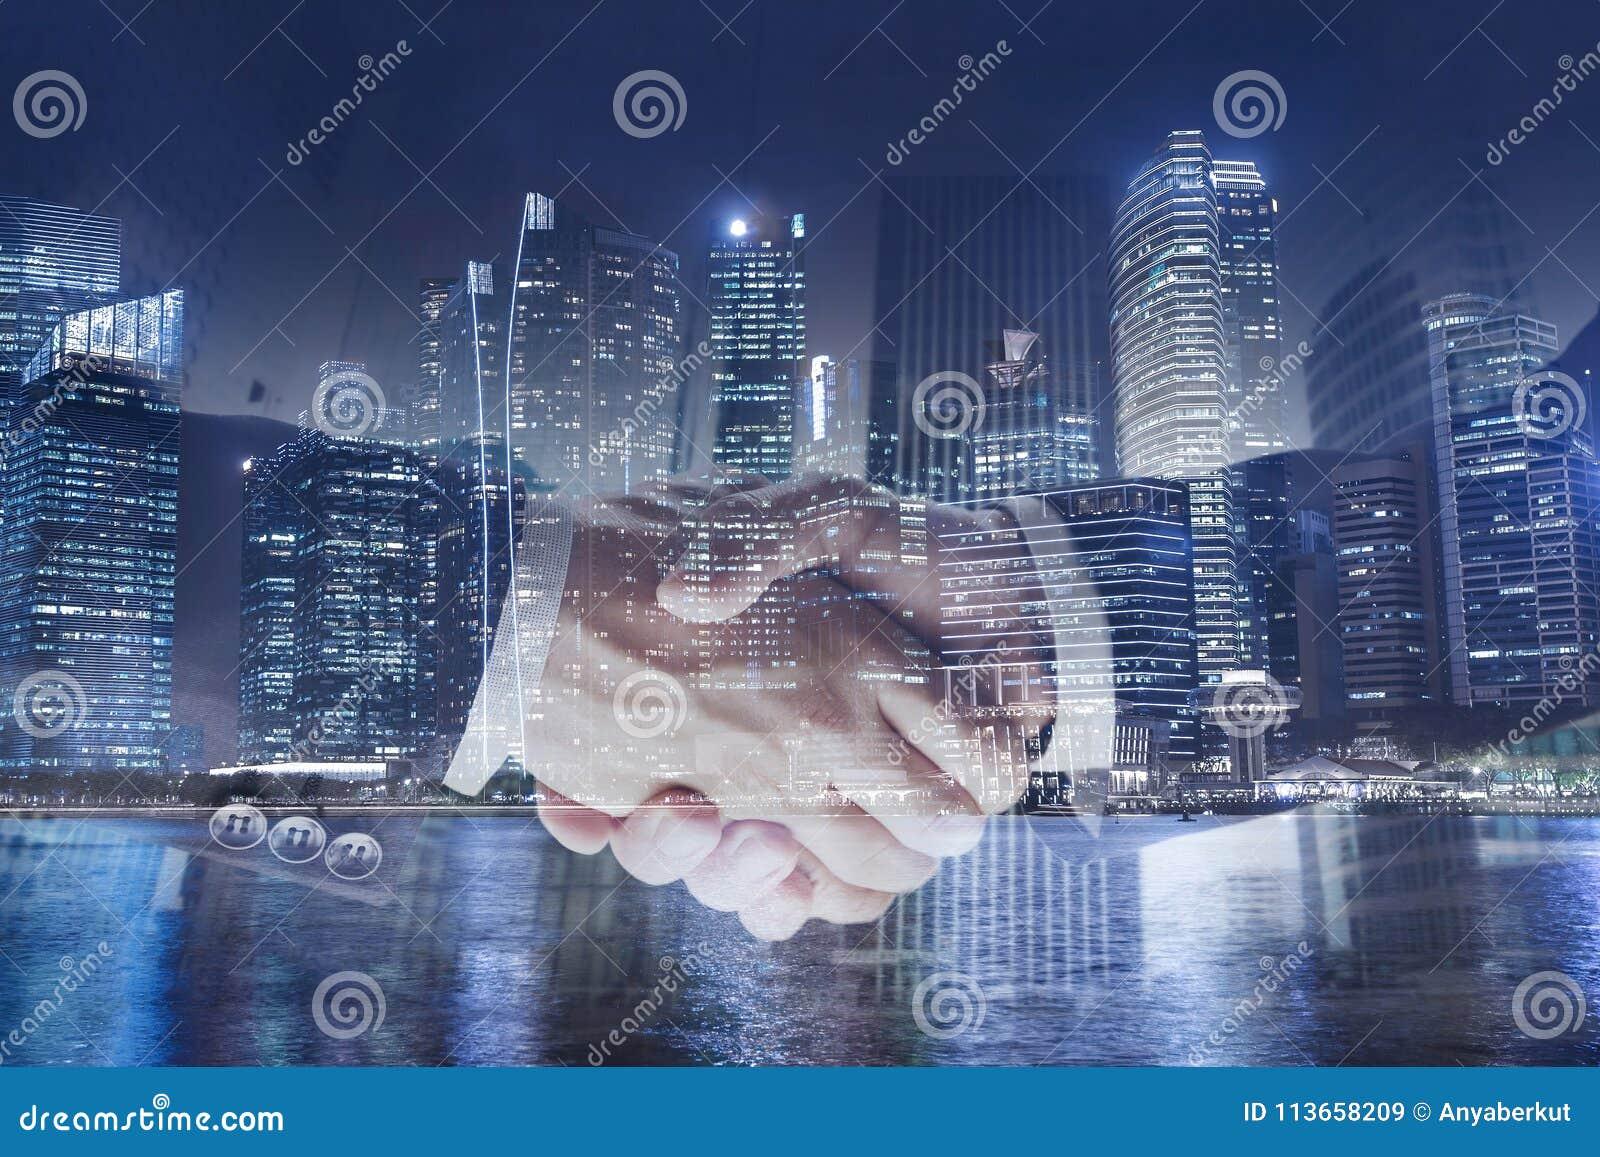 Samenwerkings bedrijfsconcept, handdruk dubbel blootstelling, samenwerking of vennootschap